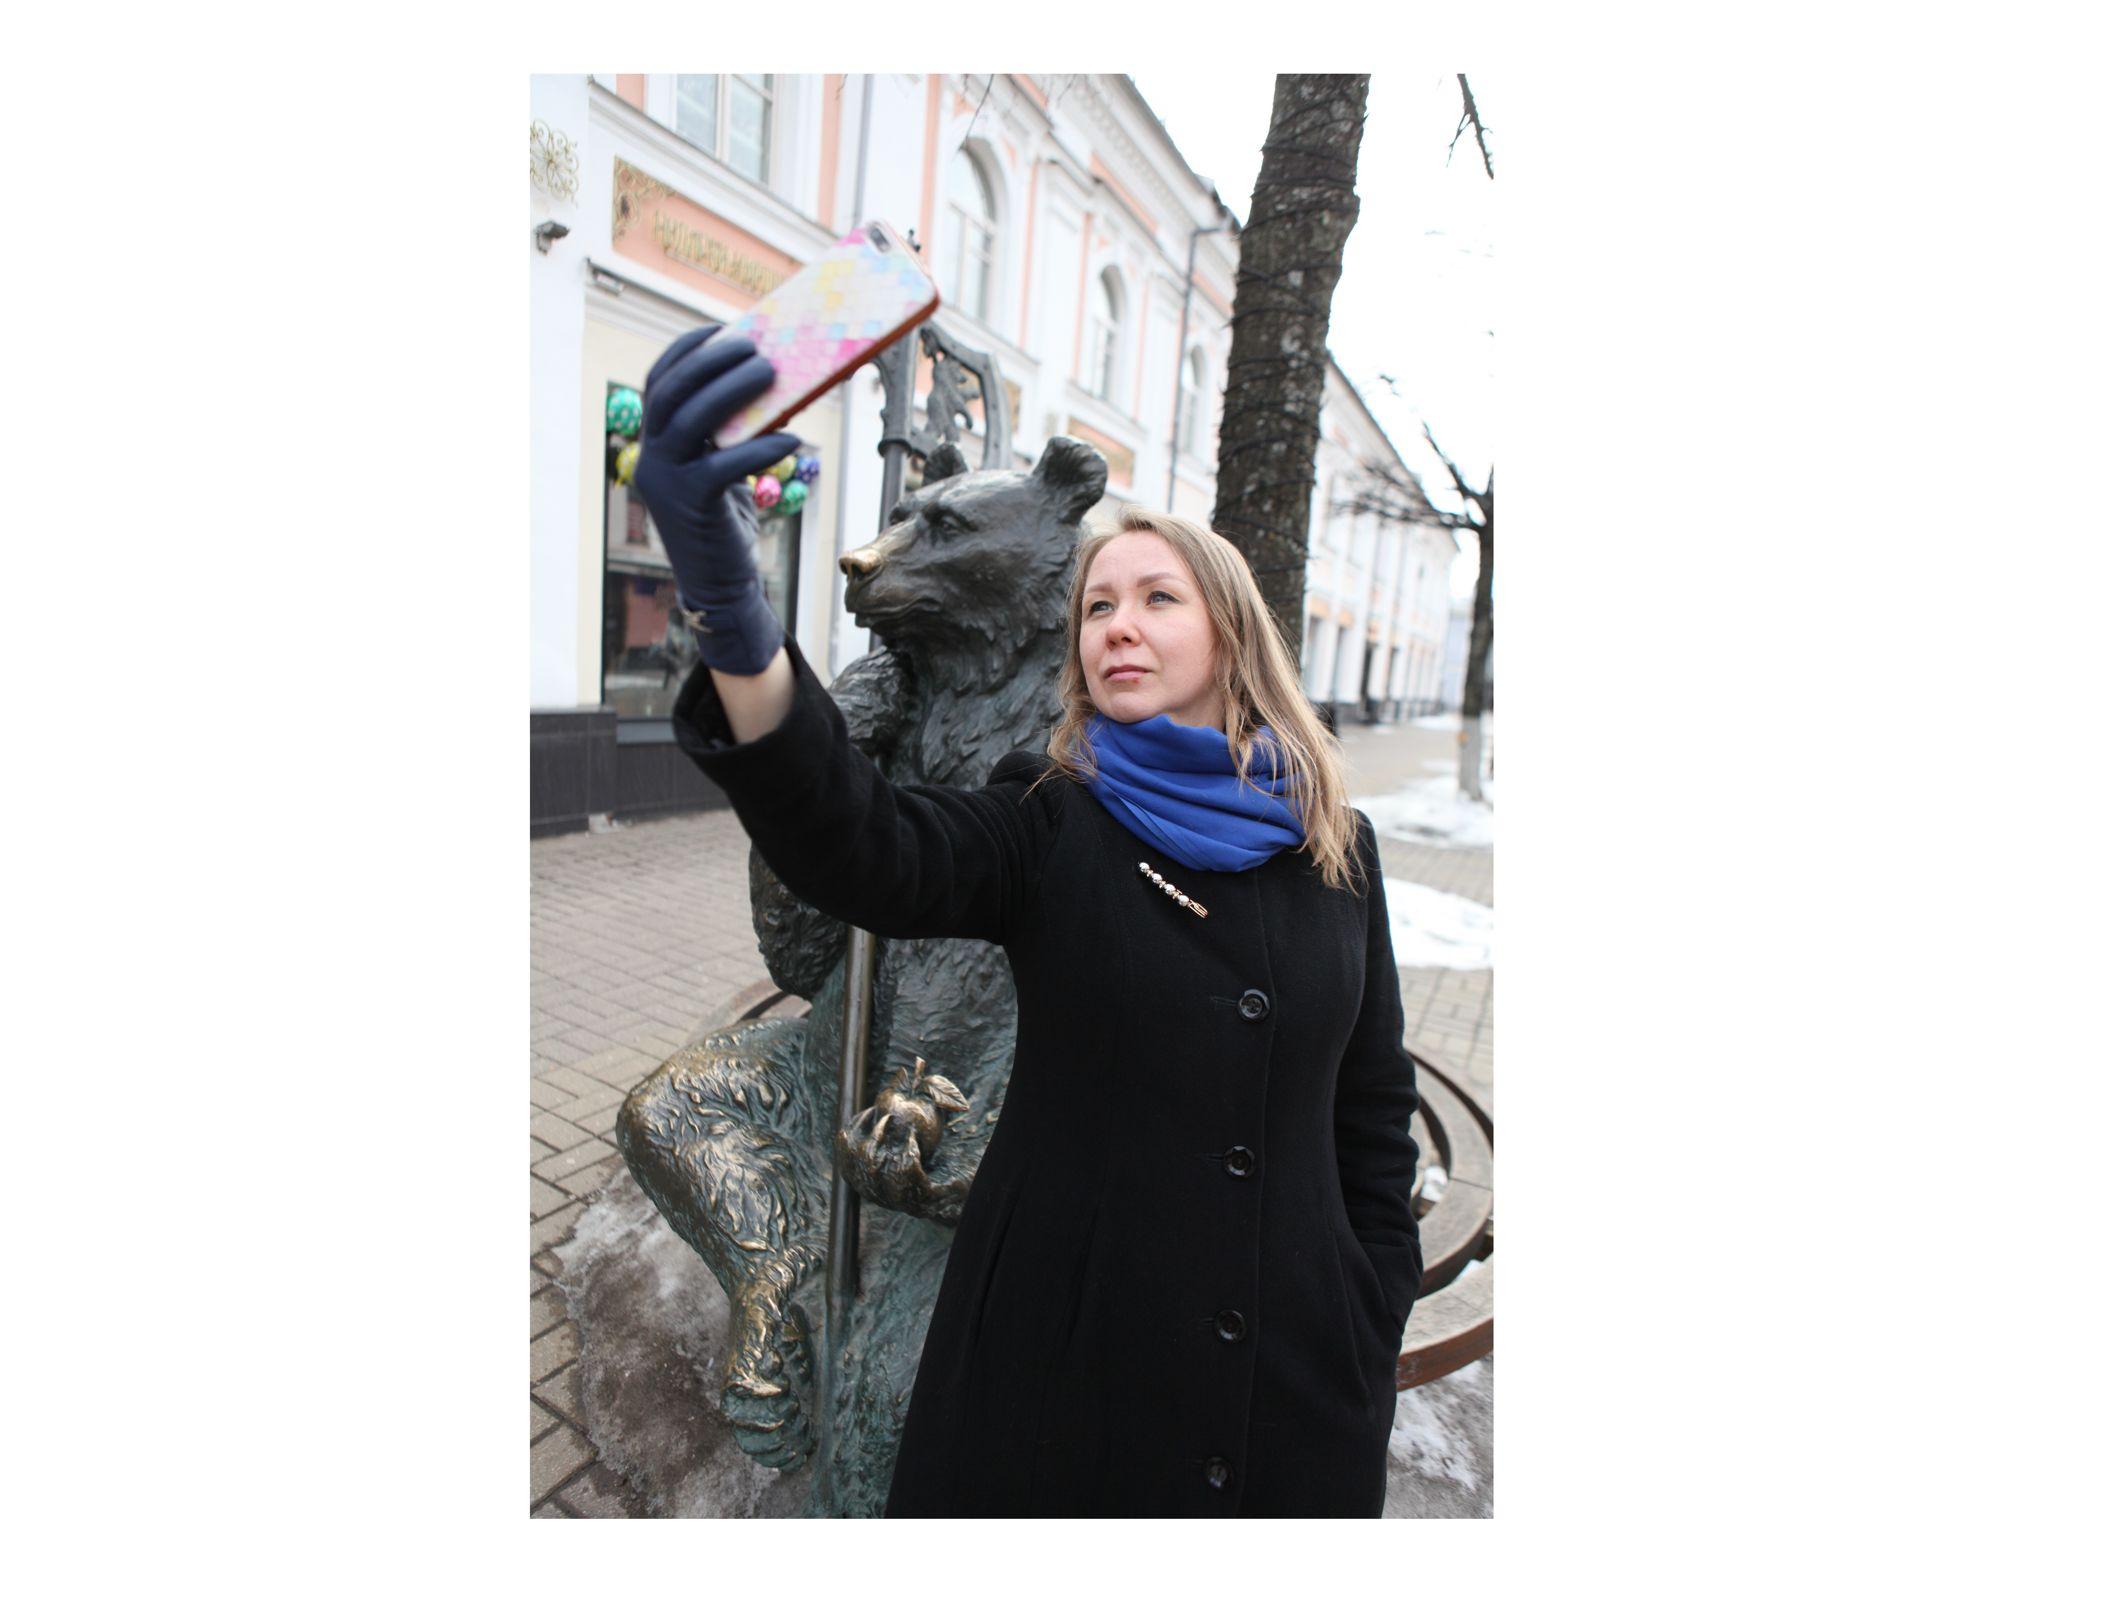 Селфи в туалетах и на высоте: в каких местах предпочитают фотографироваться в Ярославле